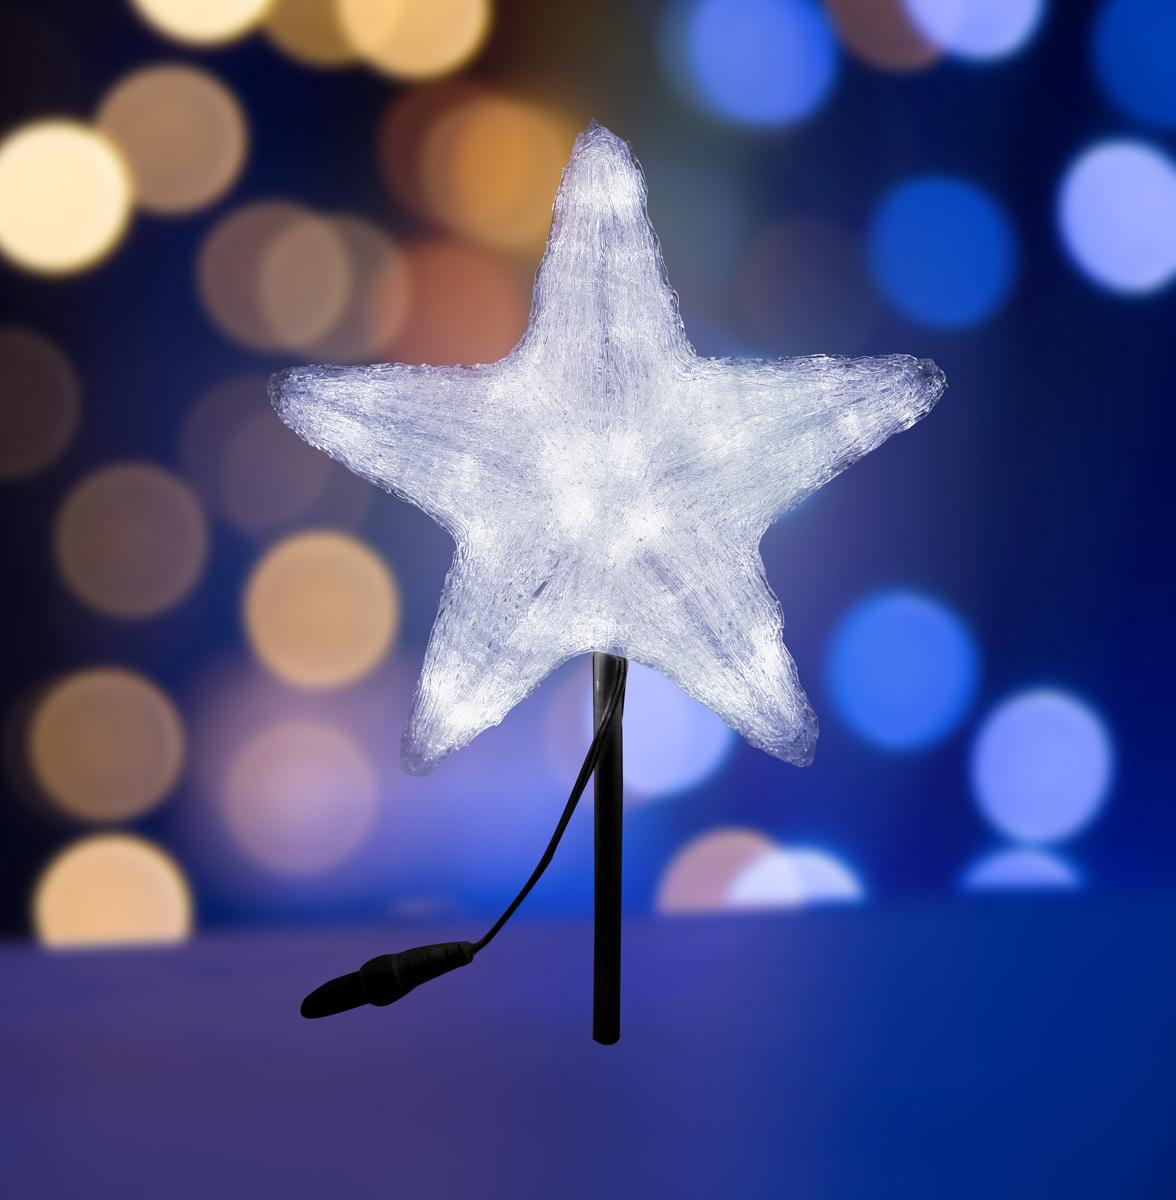 Фигура акриловая Neon-Night Звезда, светодиодная, 45 LED, цвет: белый, 30 см513-435Акриловые фигуры за несколько лет вызвали большой интерес у дизайнеров и частных клиентов. С каждым годом расширяется не только ассортимент акриловых фигур, но и появляются новые технологии нанесения акрила. Эти яркие, светящиеся объемные фигуры, состоящие из металлического каркаса, акрила и светодиодов, применяются для оформления и создания новогодней атмосферы в кафе, ресторанах, торговых центрах, магазинах, на площадях и перед входом, а также просто в частных домах и квартирах. Все фигуры укомплектованы понижающим трансформатором , что обеспечивает безопасность при контактировании, а так же имеют степень защиты IP 44, что позволяет использовать их как в помещении, так и на улице.